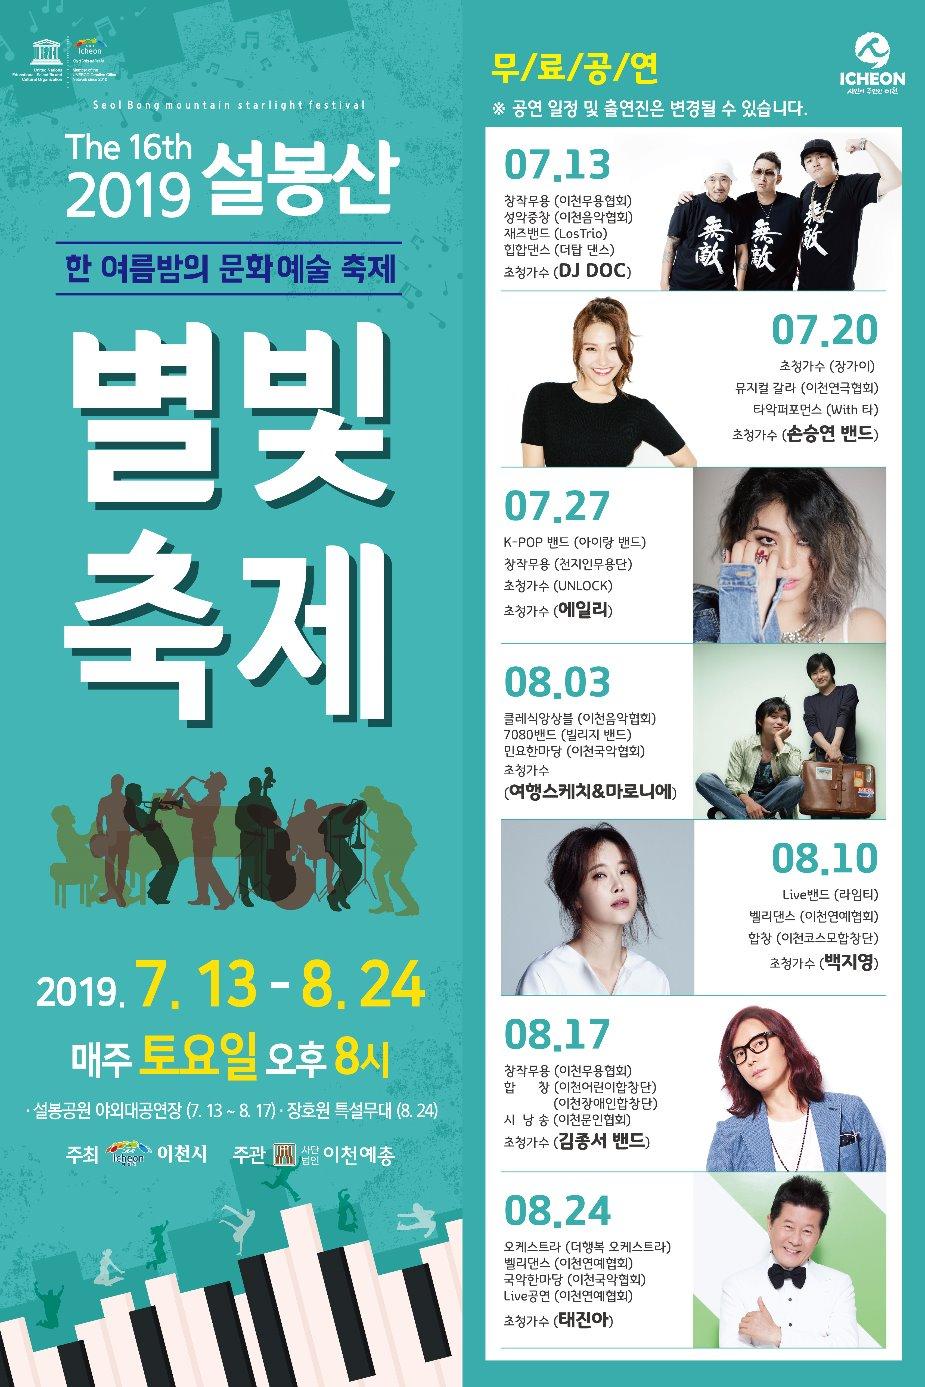 2019별빛축제 보도자료 세로형.jpg